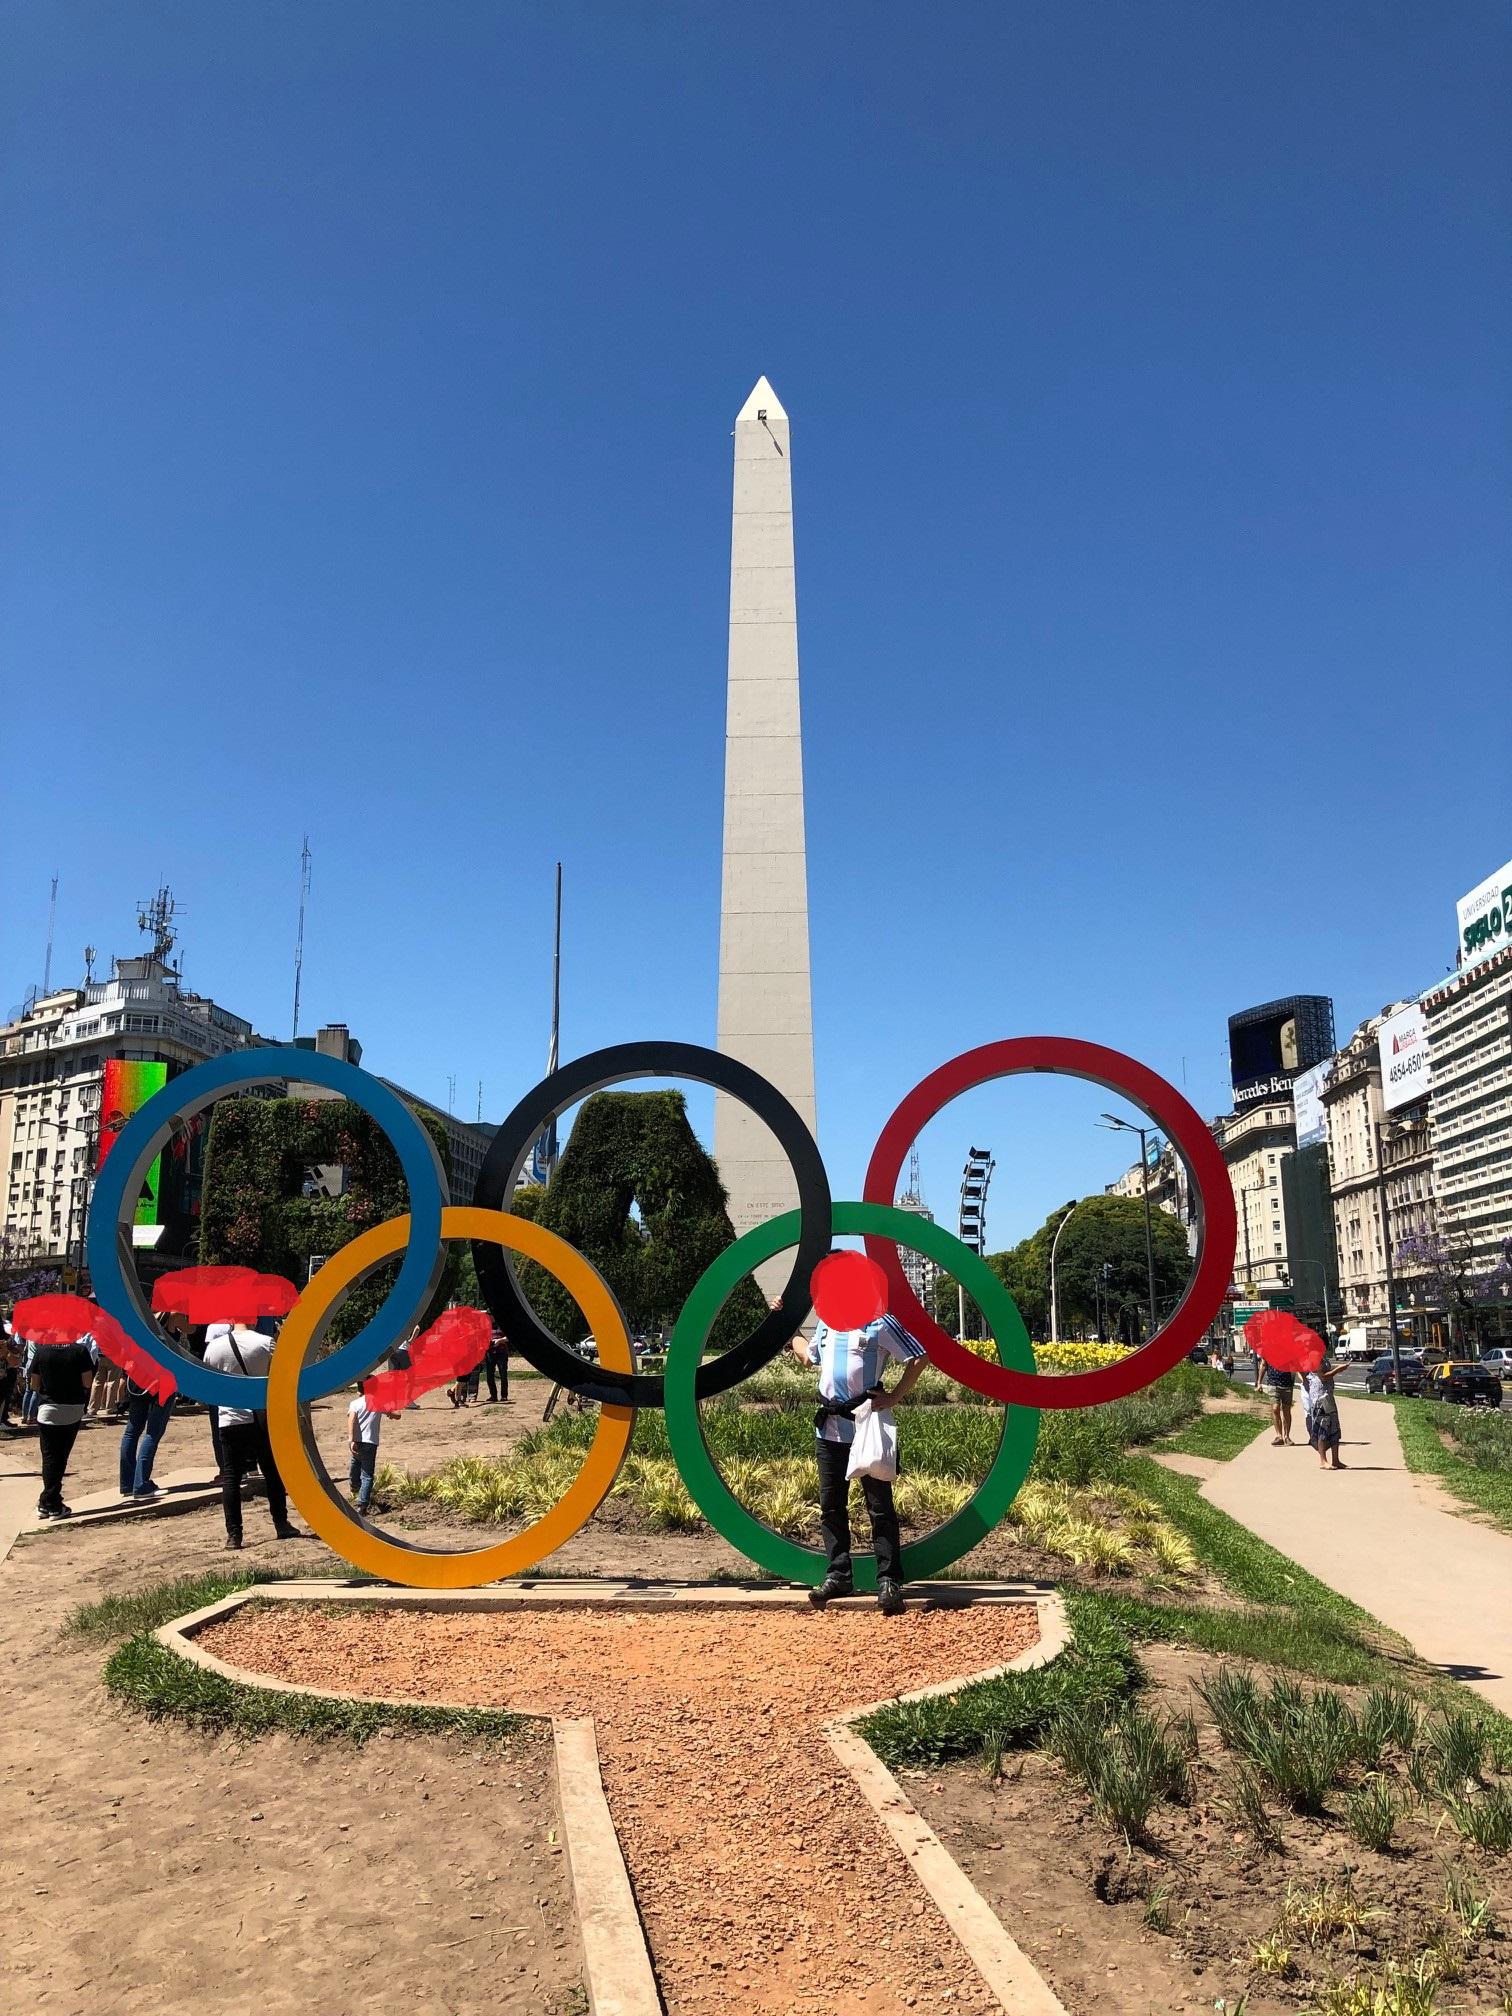 アルゼンチン観光 ブエノスアイレスの観光地を効率よく巡る方法、南米男一人旅